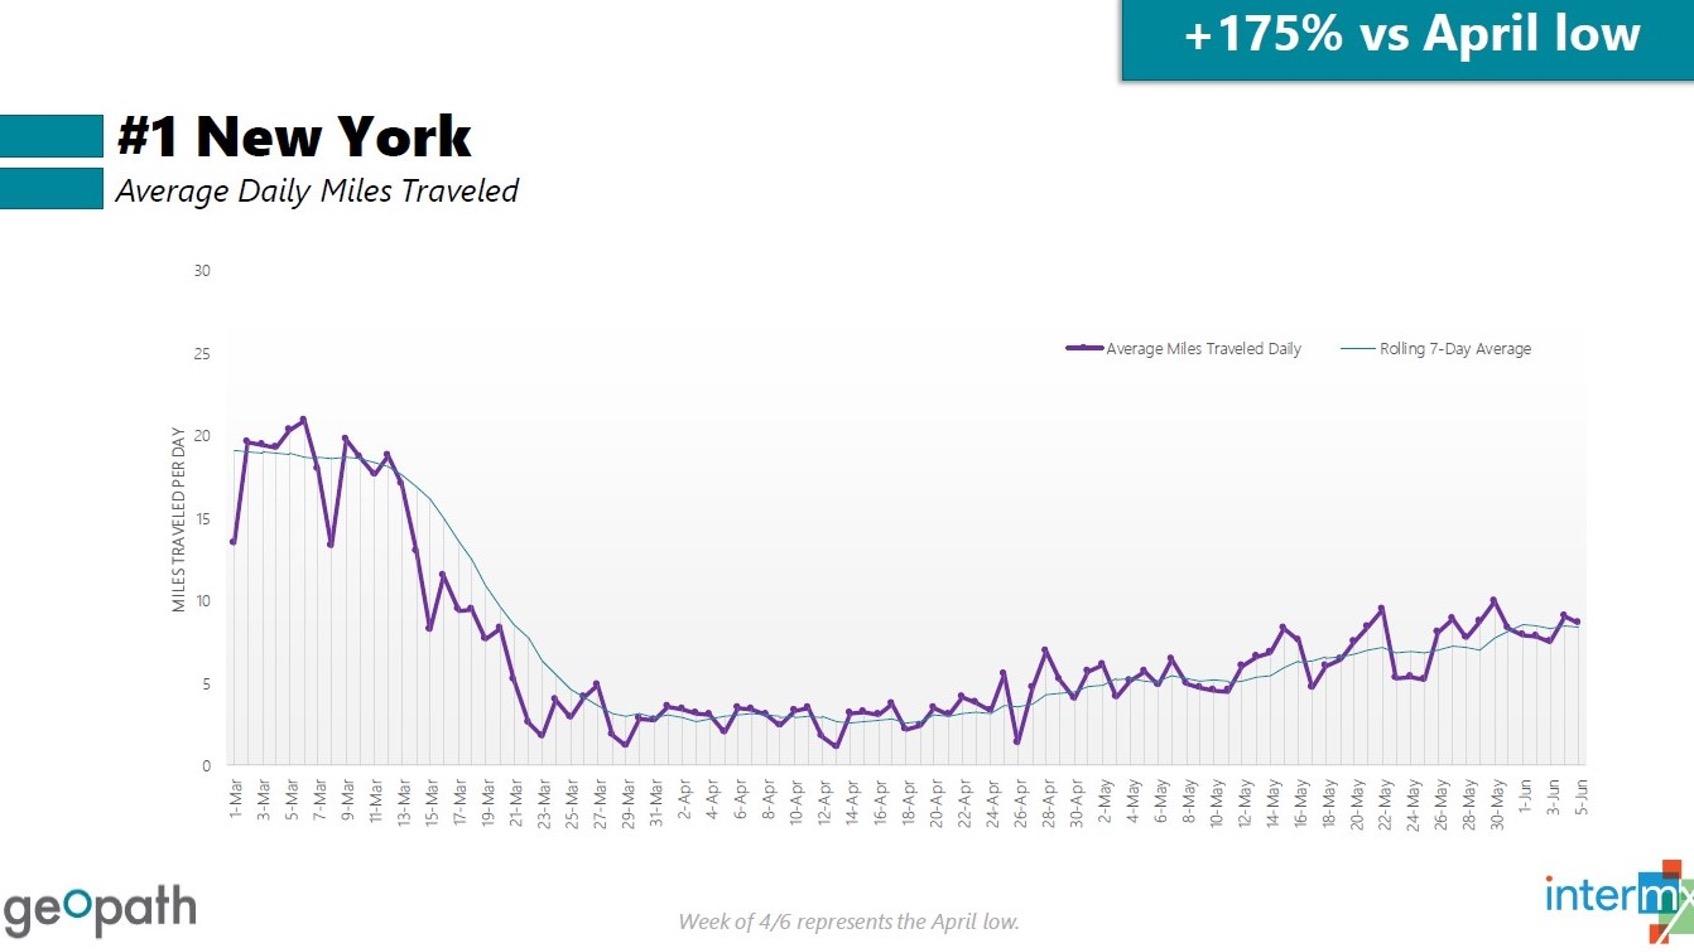 NY Average Daily Miles Traveled - AR James Diagram